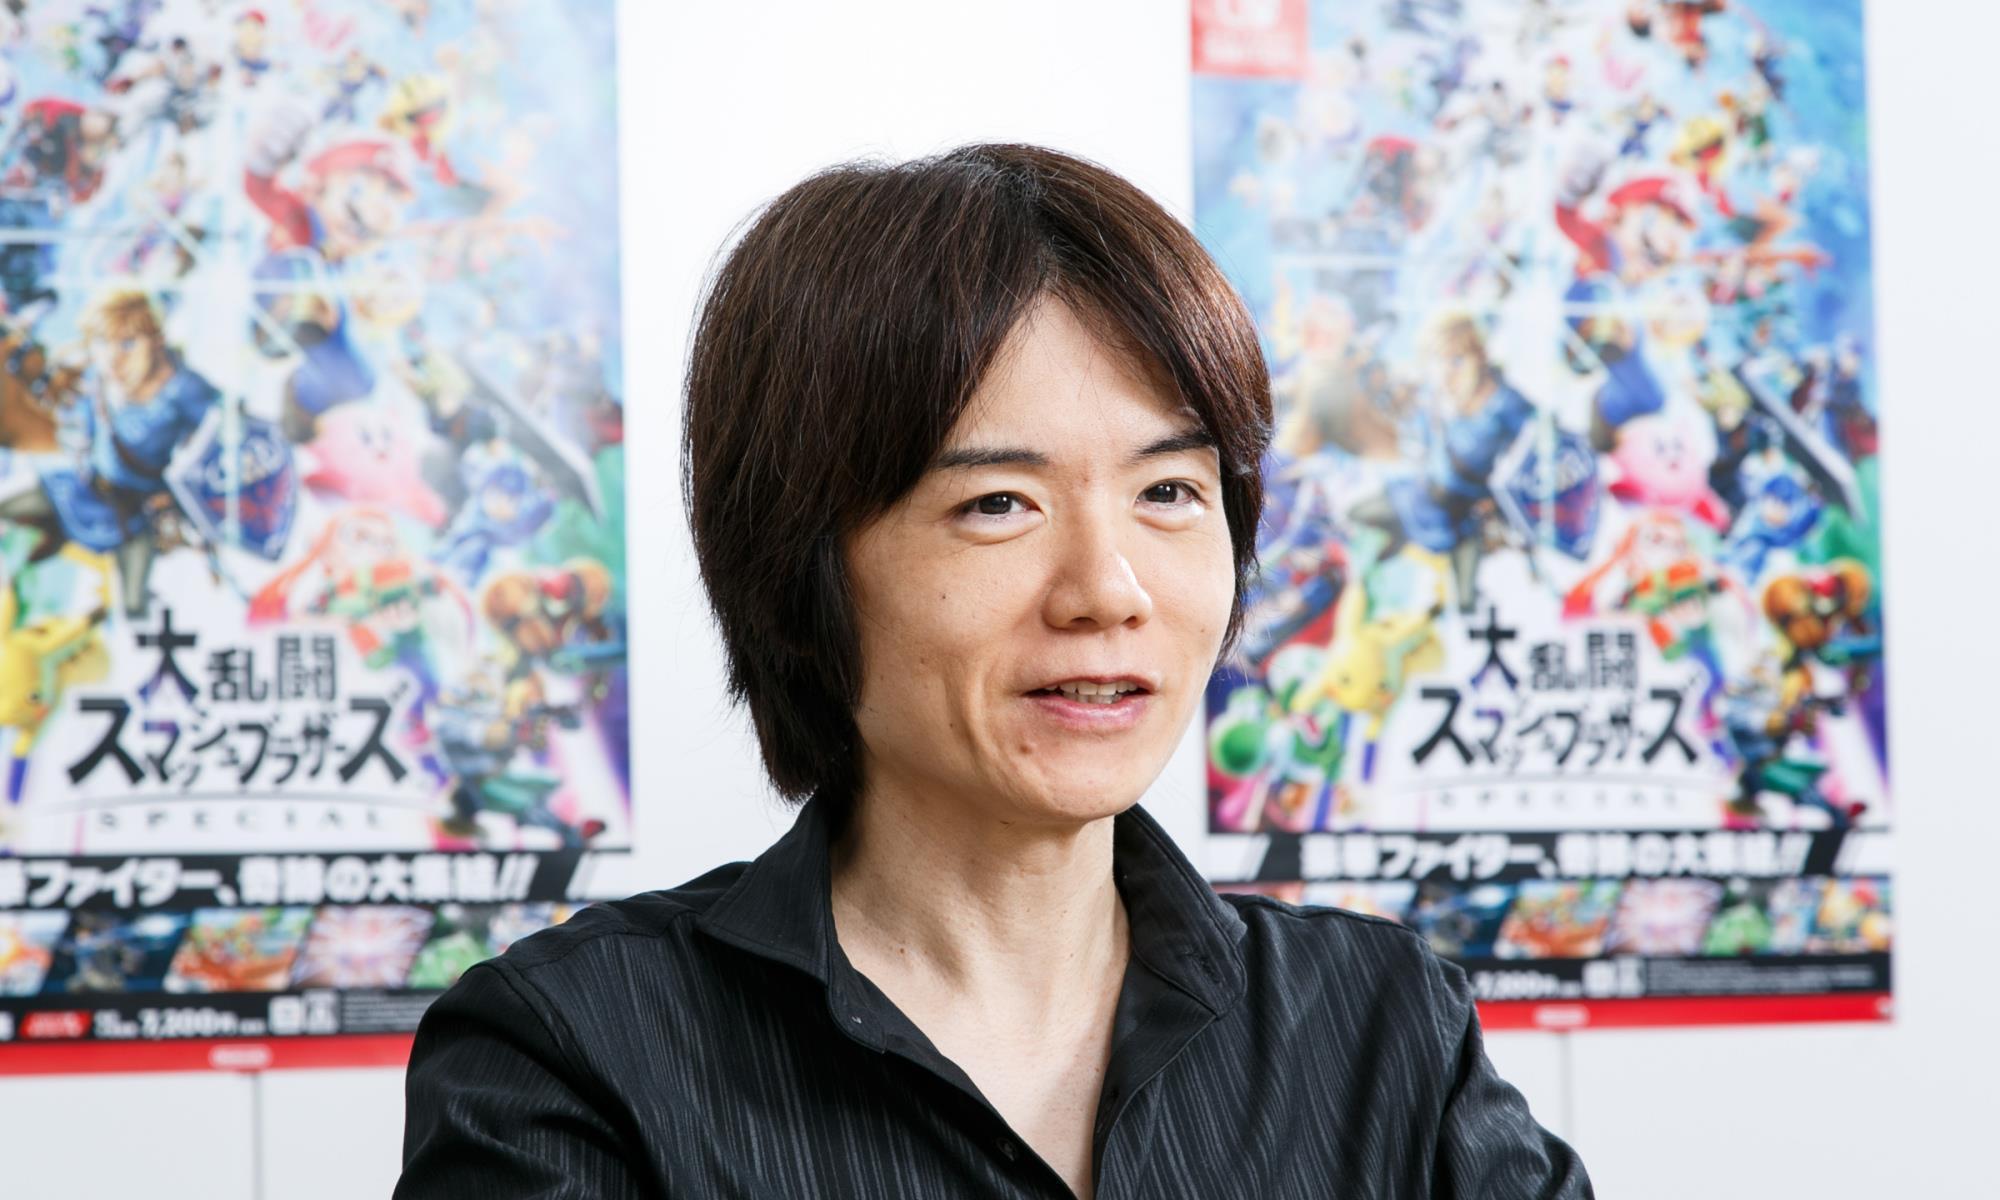 《任天堂大乱斗特别版》6名新斗士或将为最后一曲